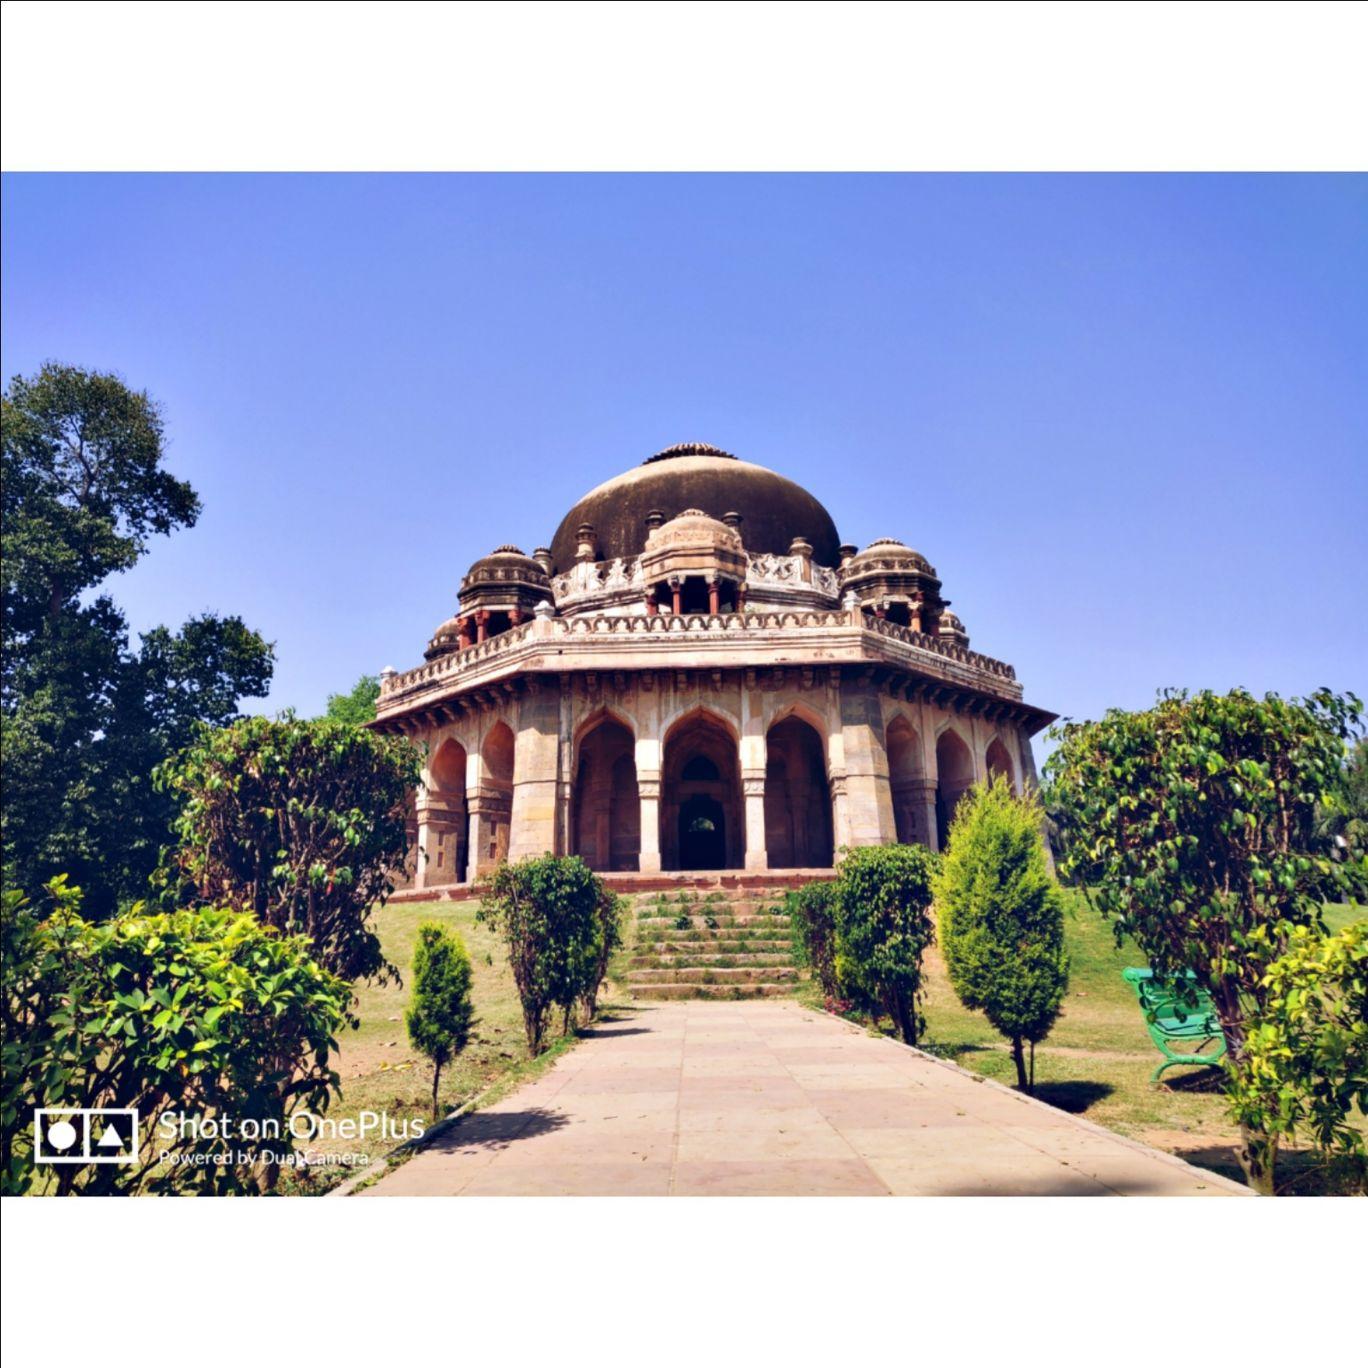 Photo of Lodhi Garden By Rajveer Singh